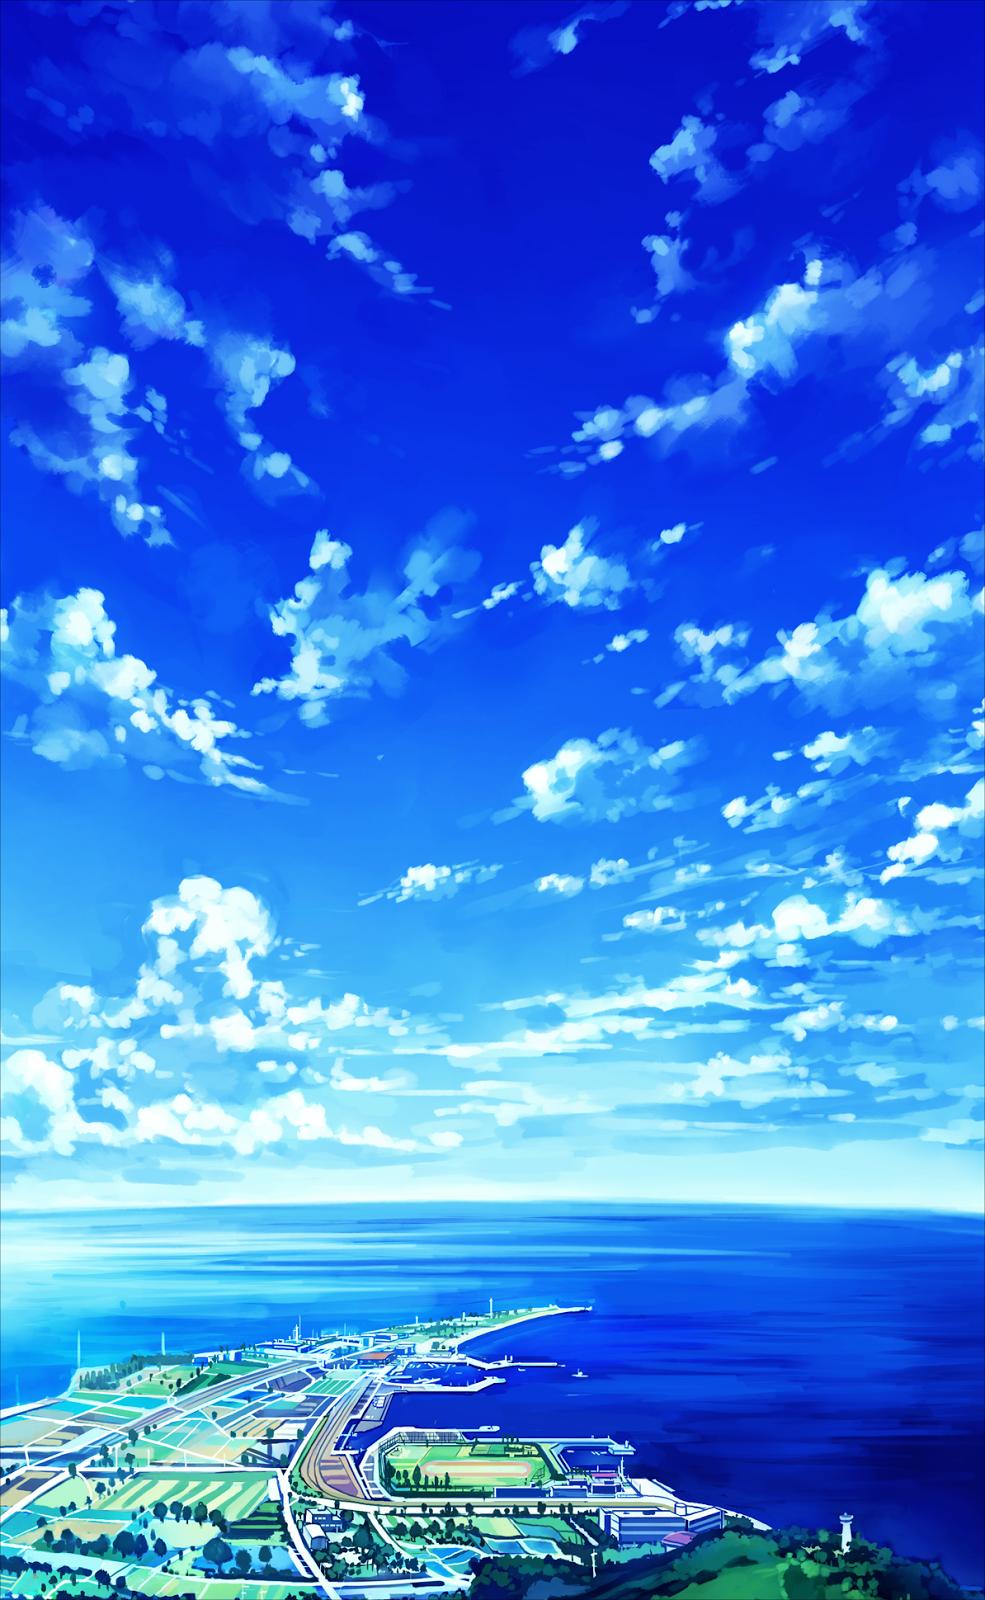 Anime Landscape: Sky (Anime Background)